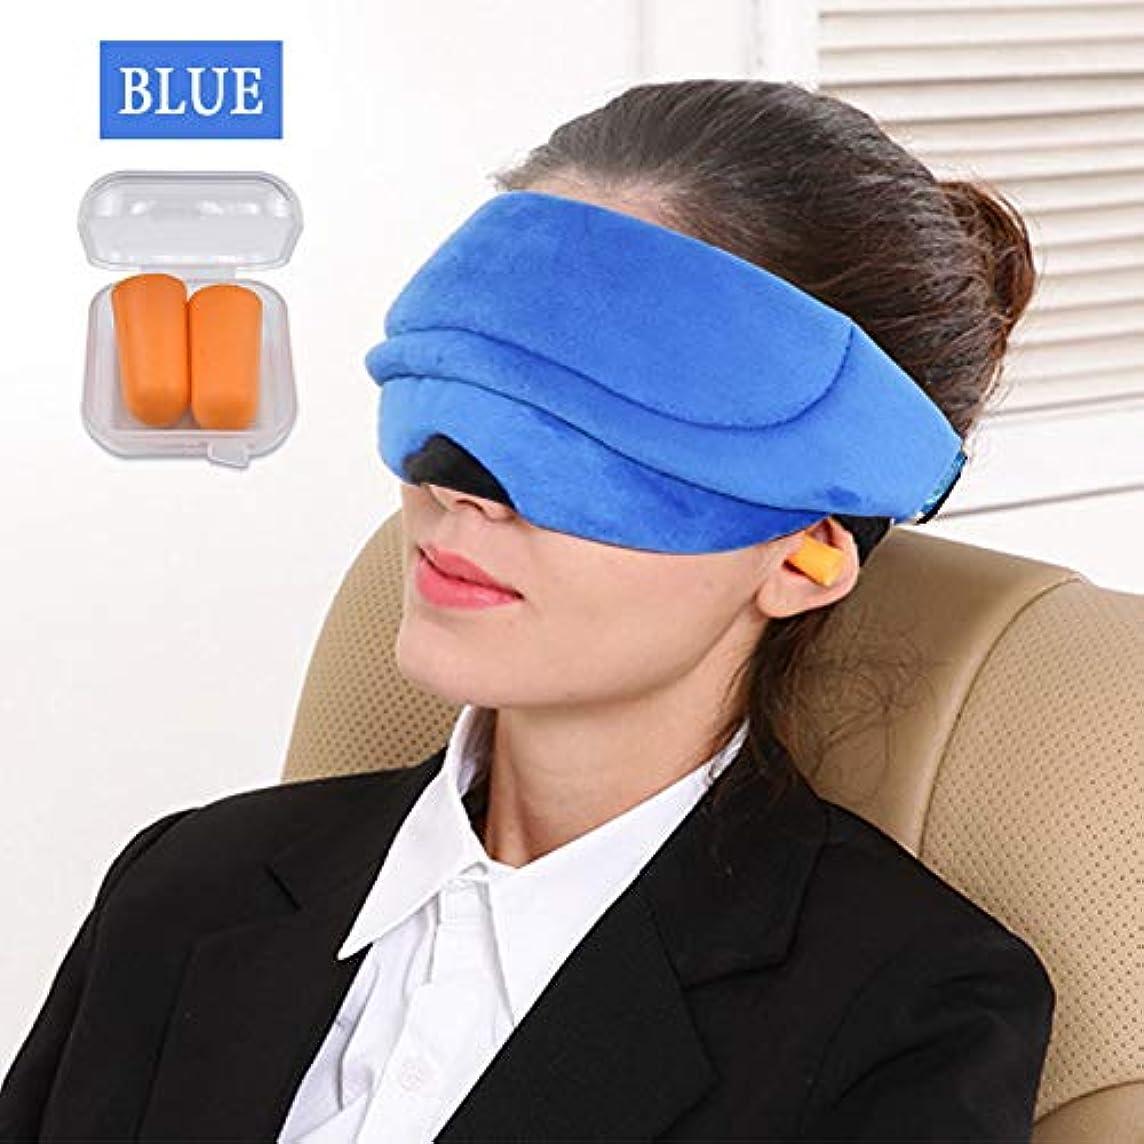 隠すスーパー自分のためにNOTE 3dソフト通気性睡眠アイマスクナチュラル睡眠カバー目隠し残り援助アイシェード女性男性旅行カバーシェードアイパッチ